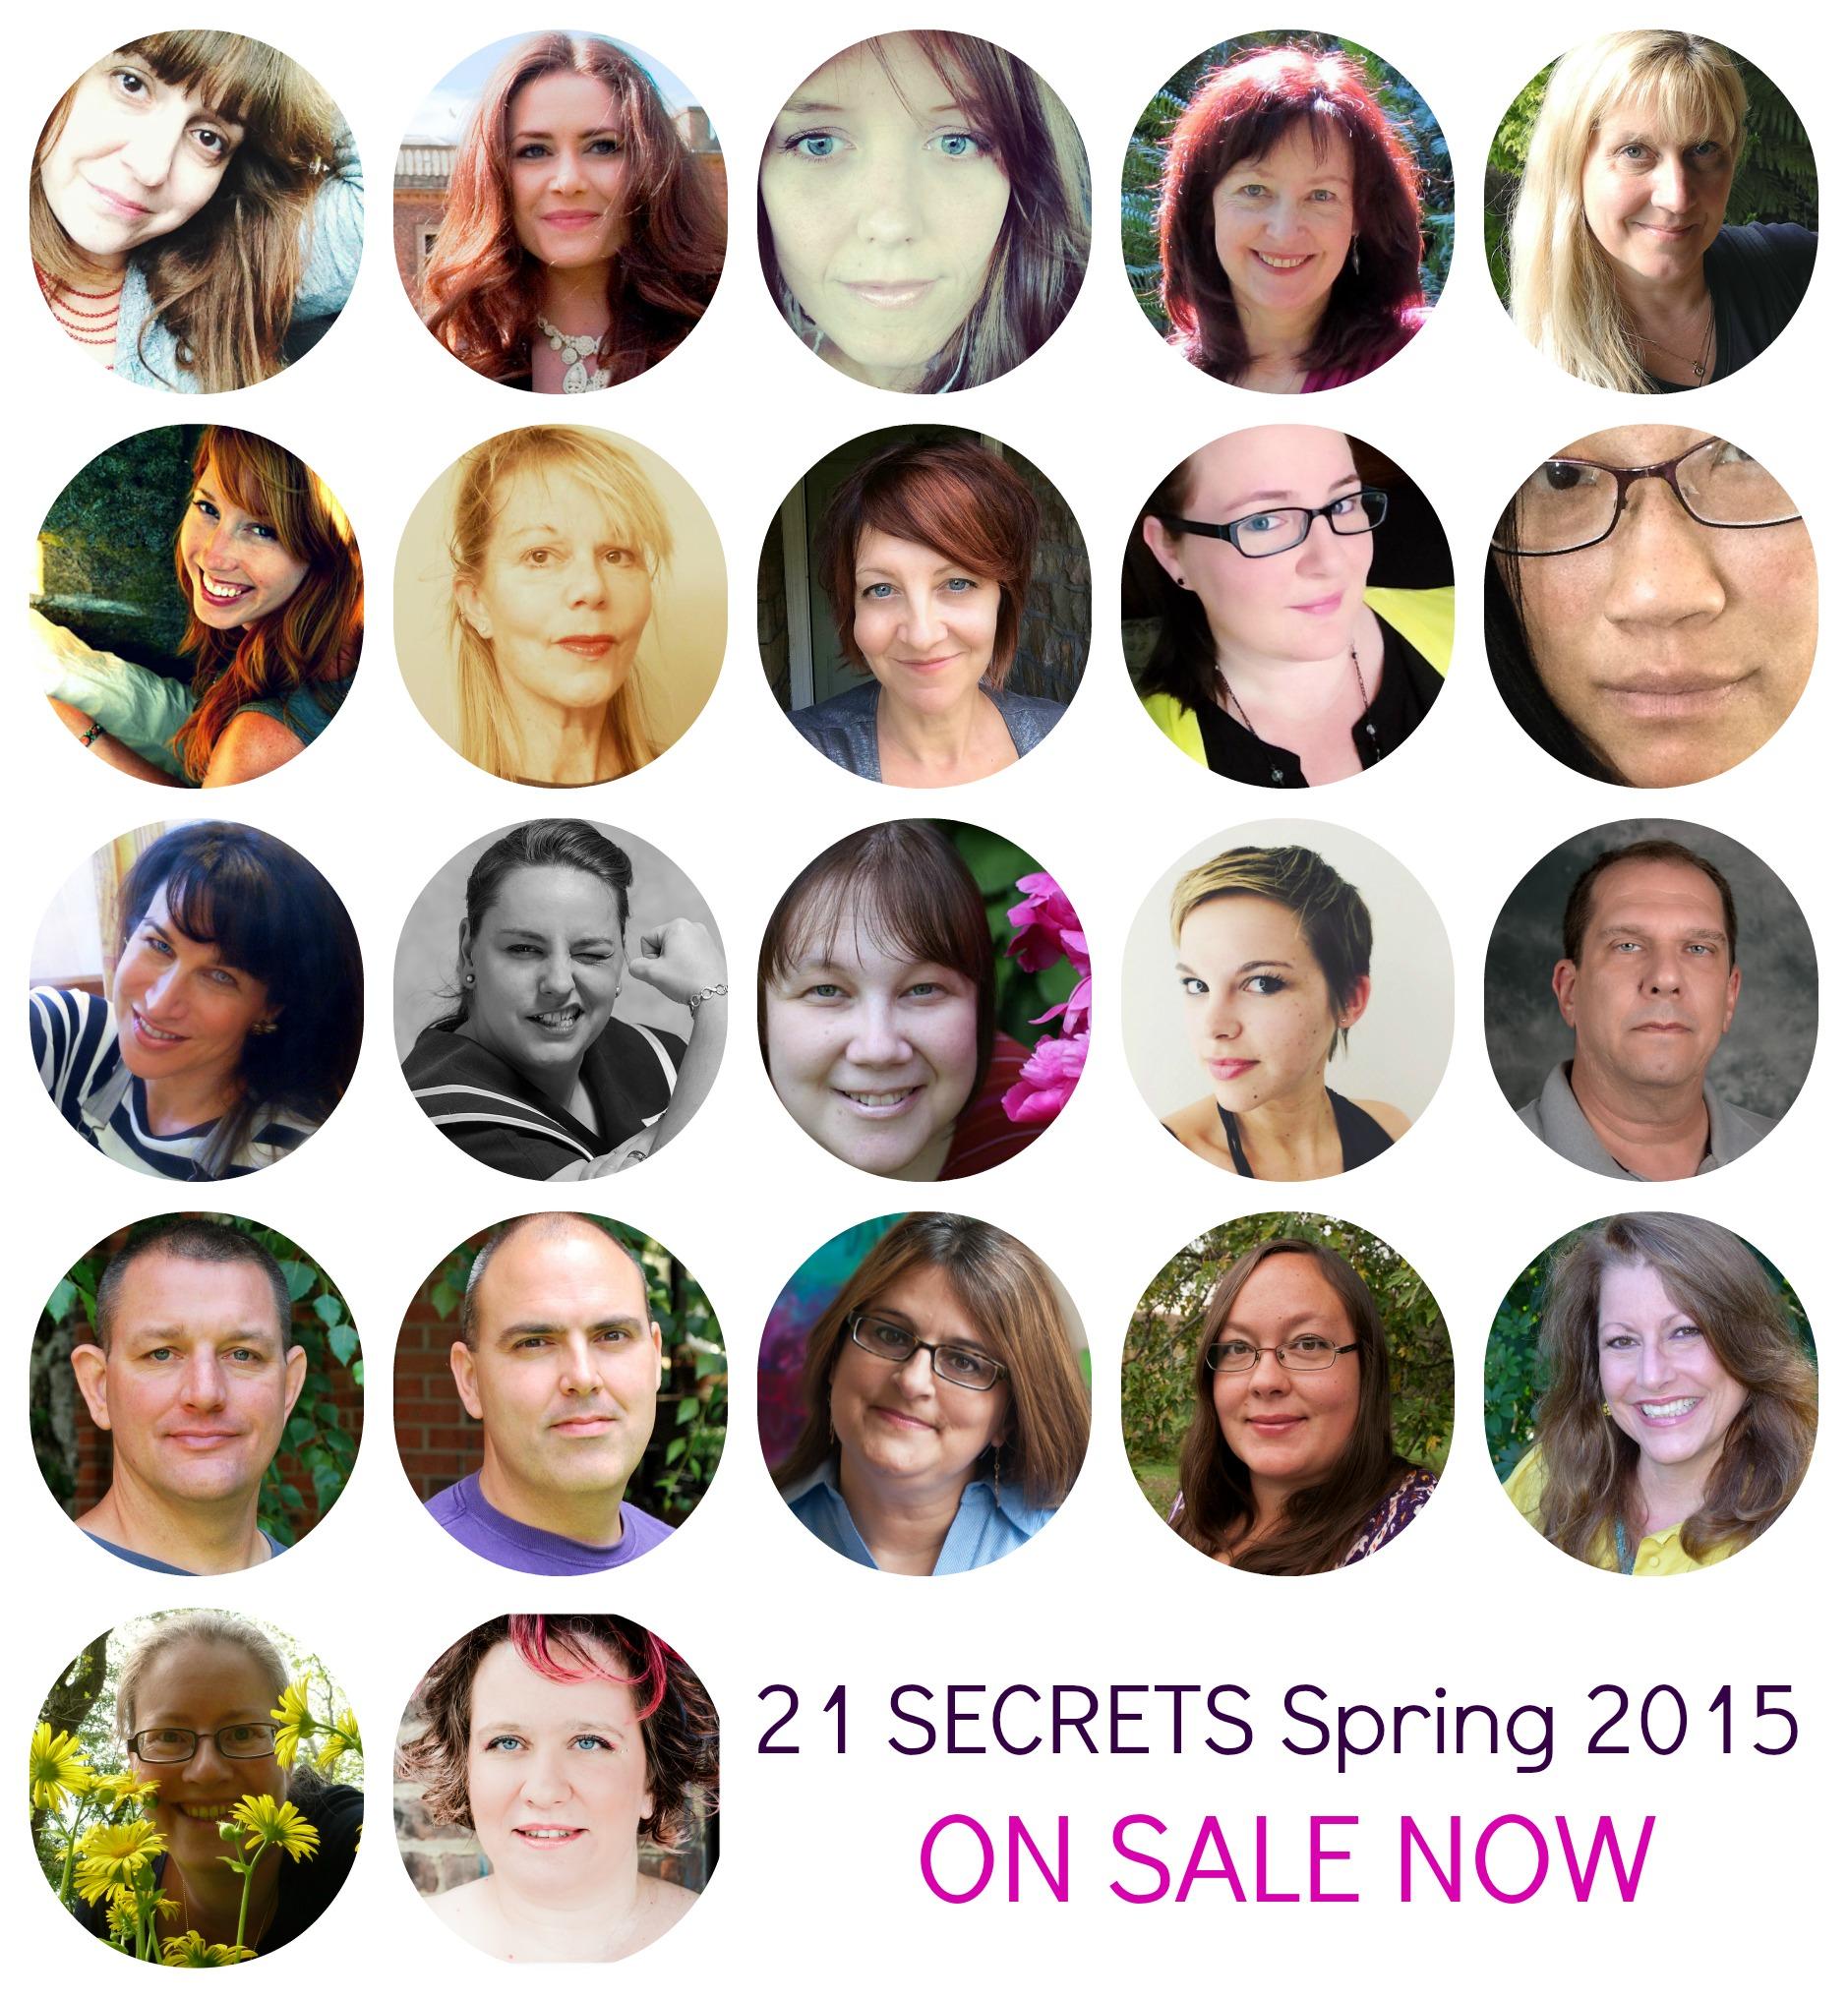 21 SECRETS Spring 2015 Round